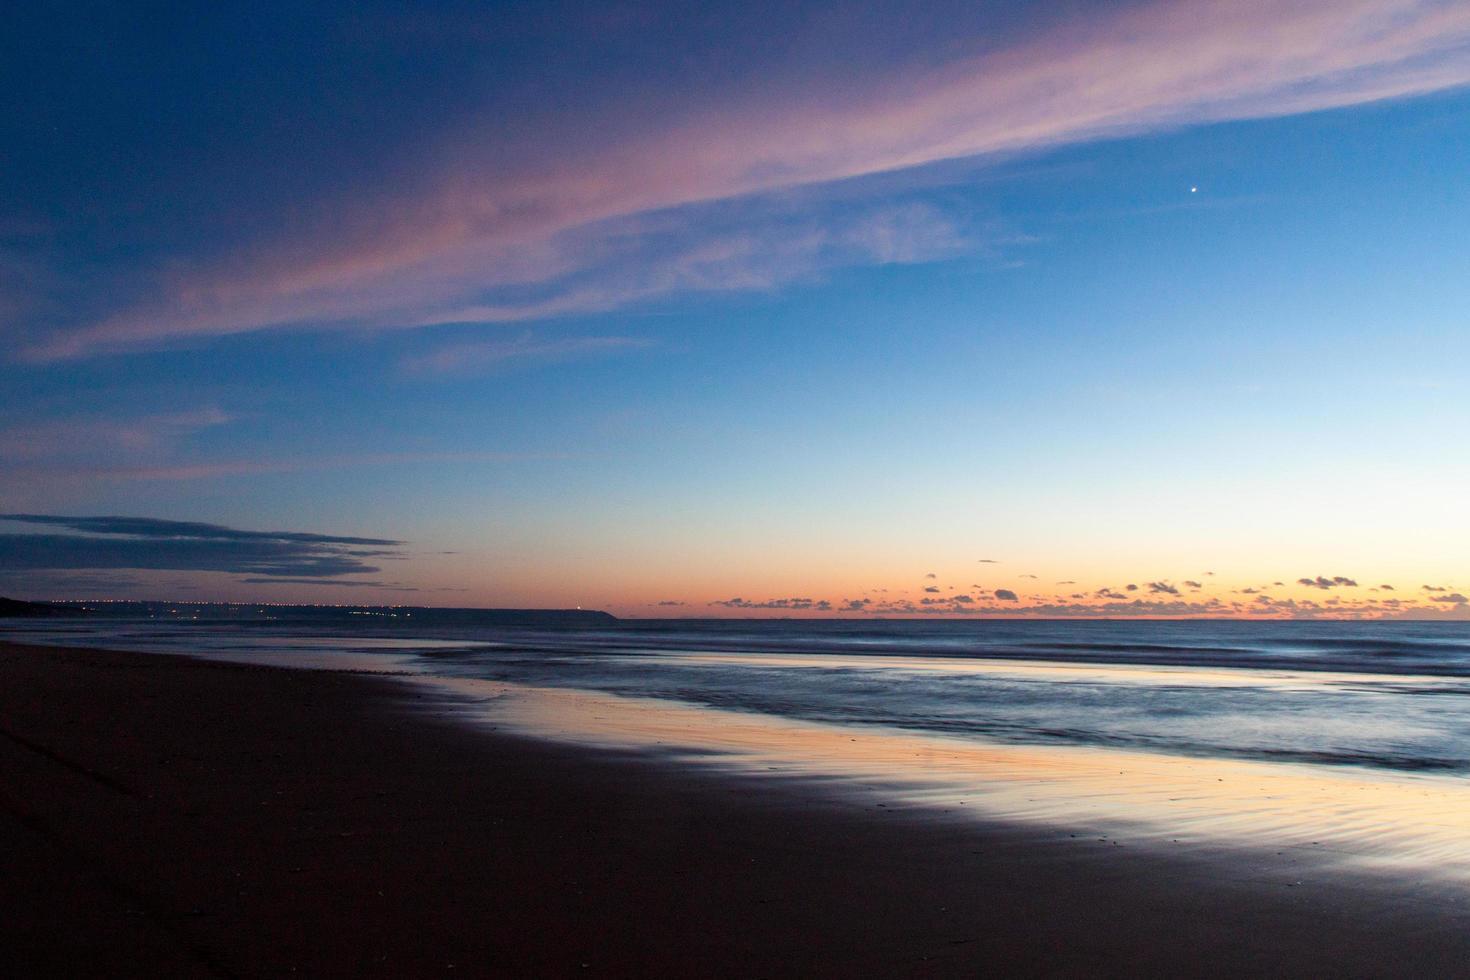 playa y agua durante el atardecer foto